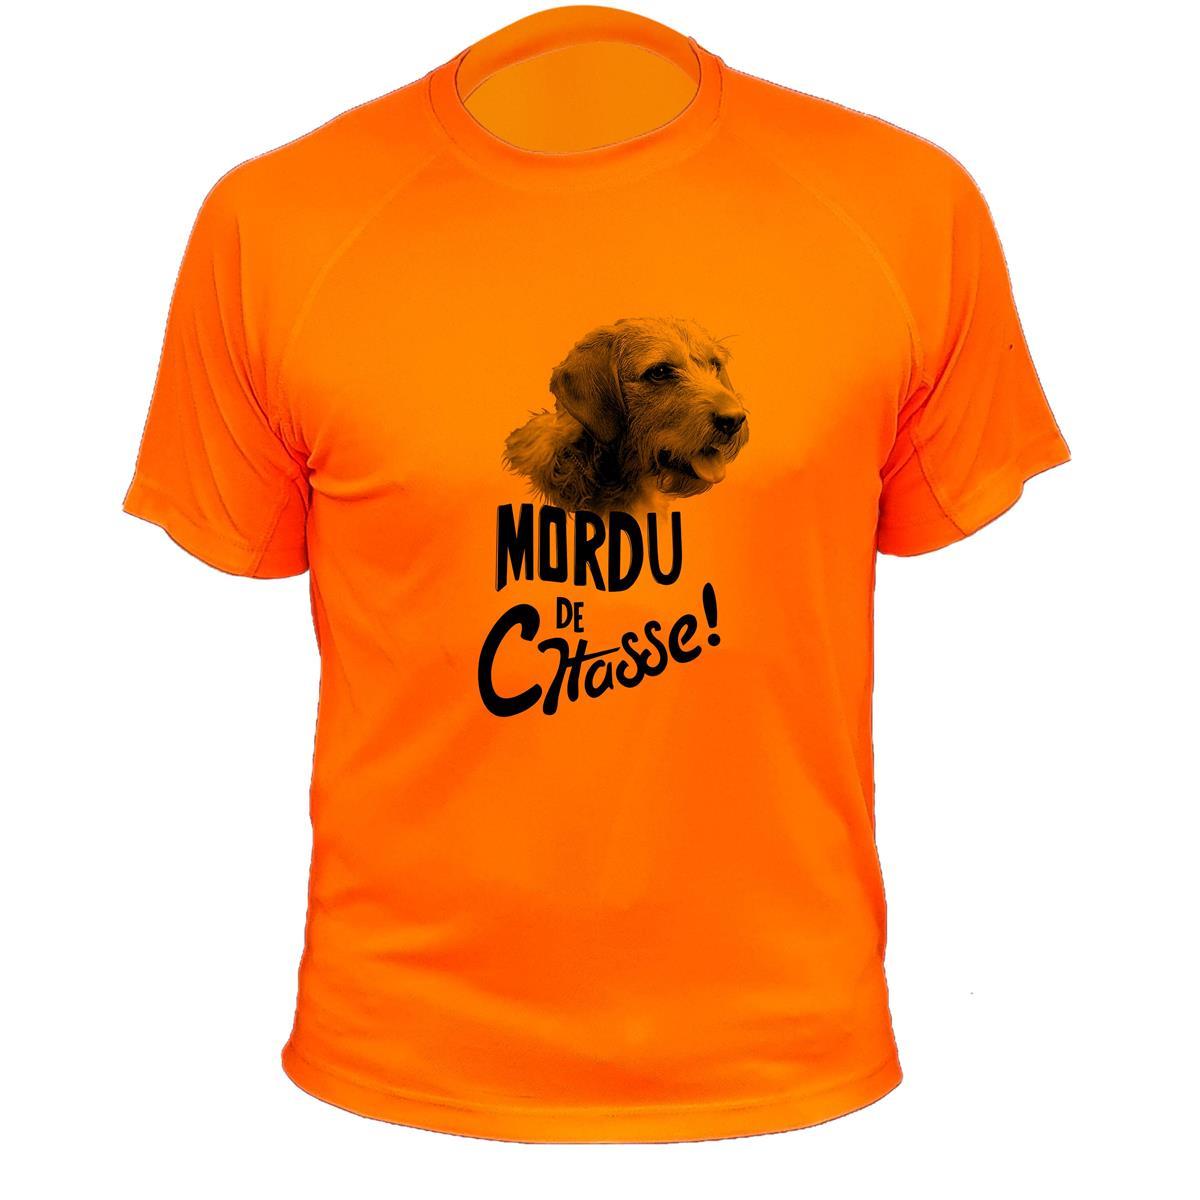 Tee Shirt Mordu de Chasse Fauve de Bretagne